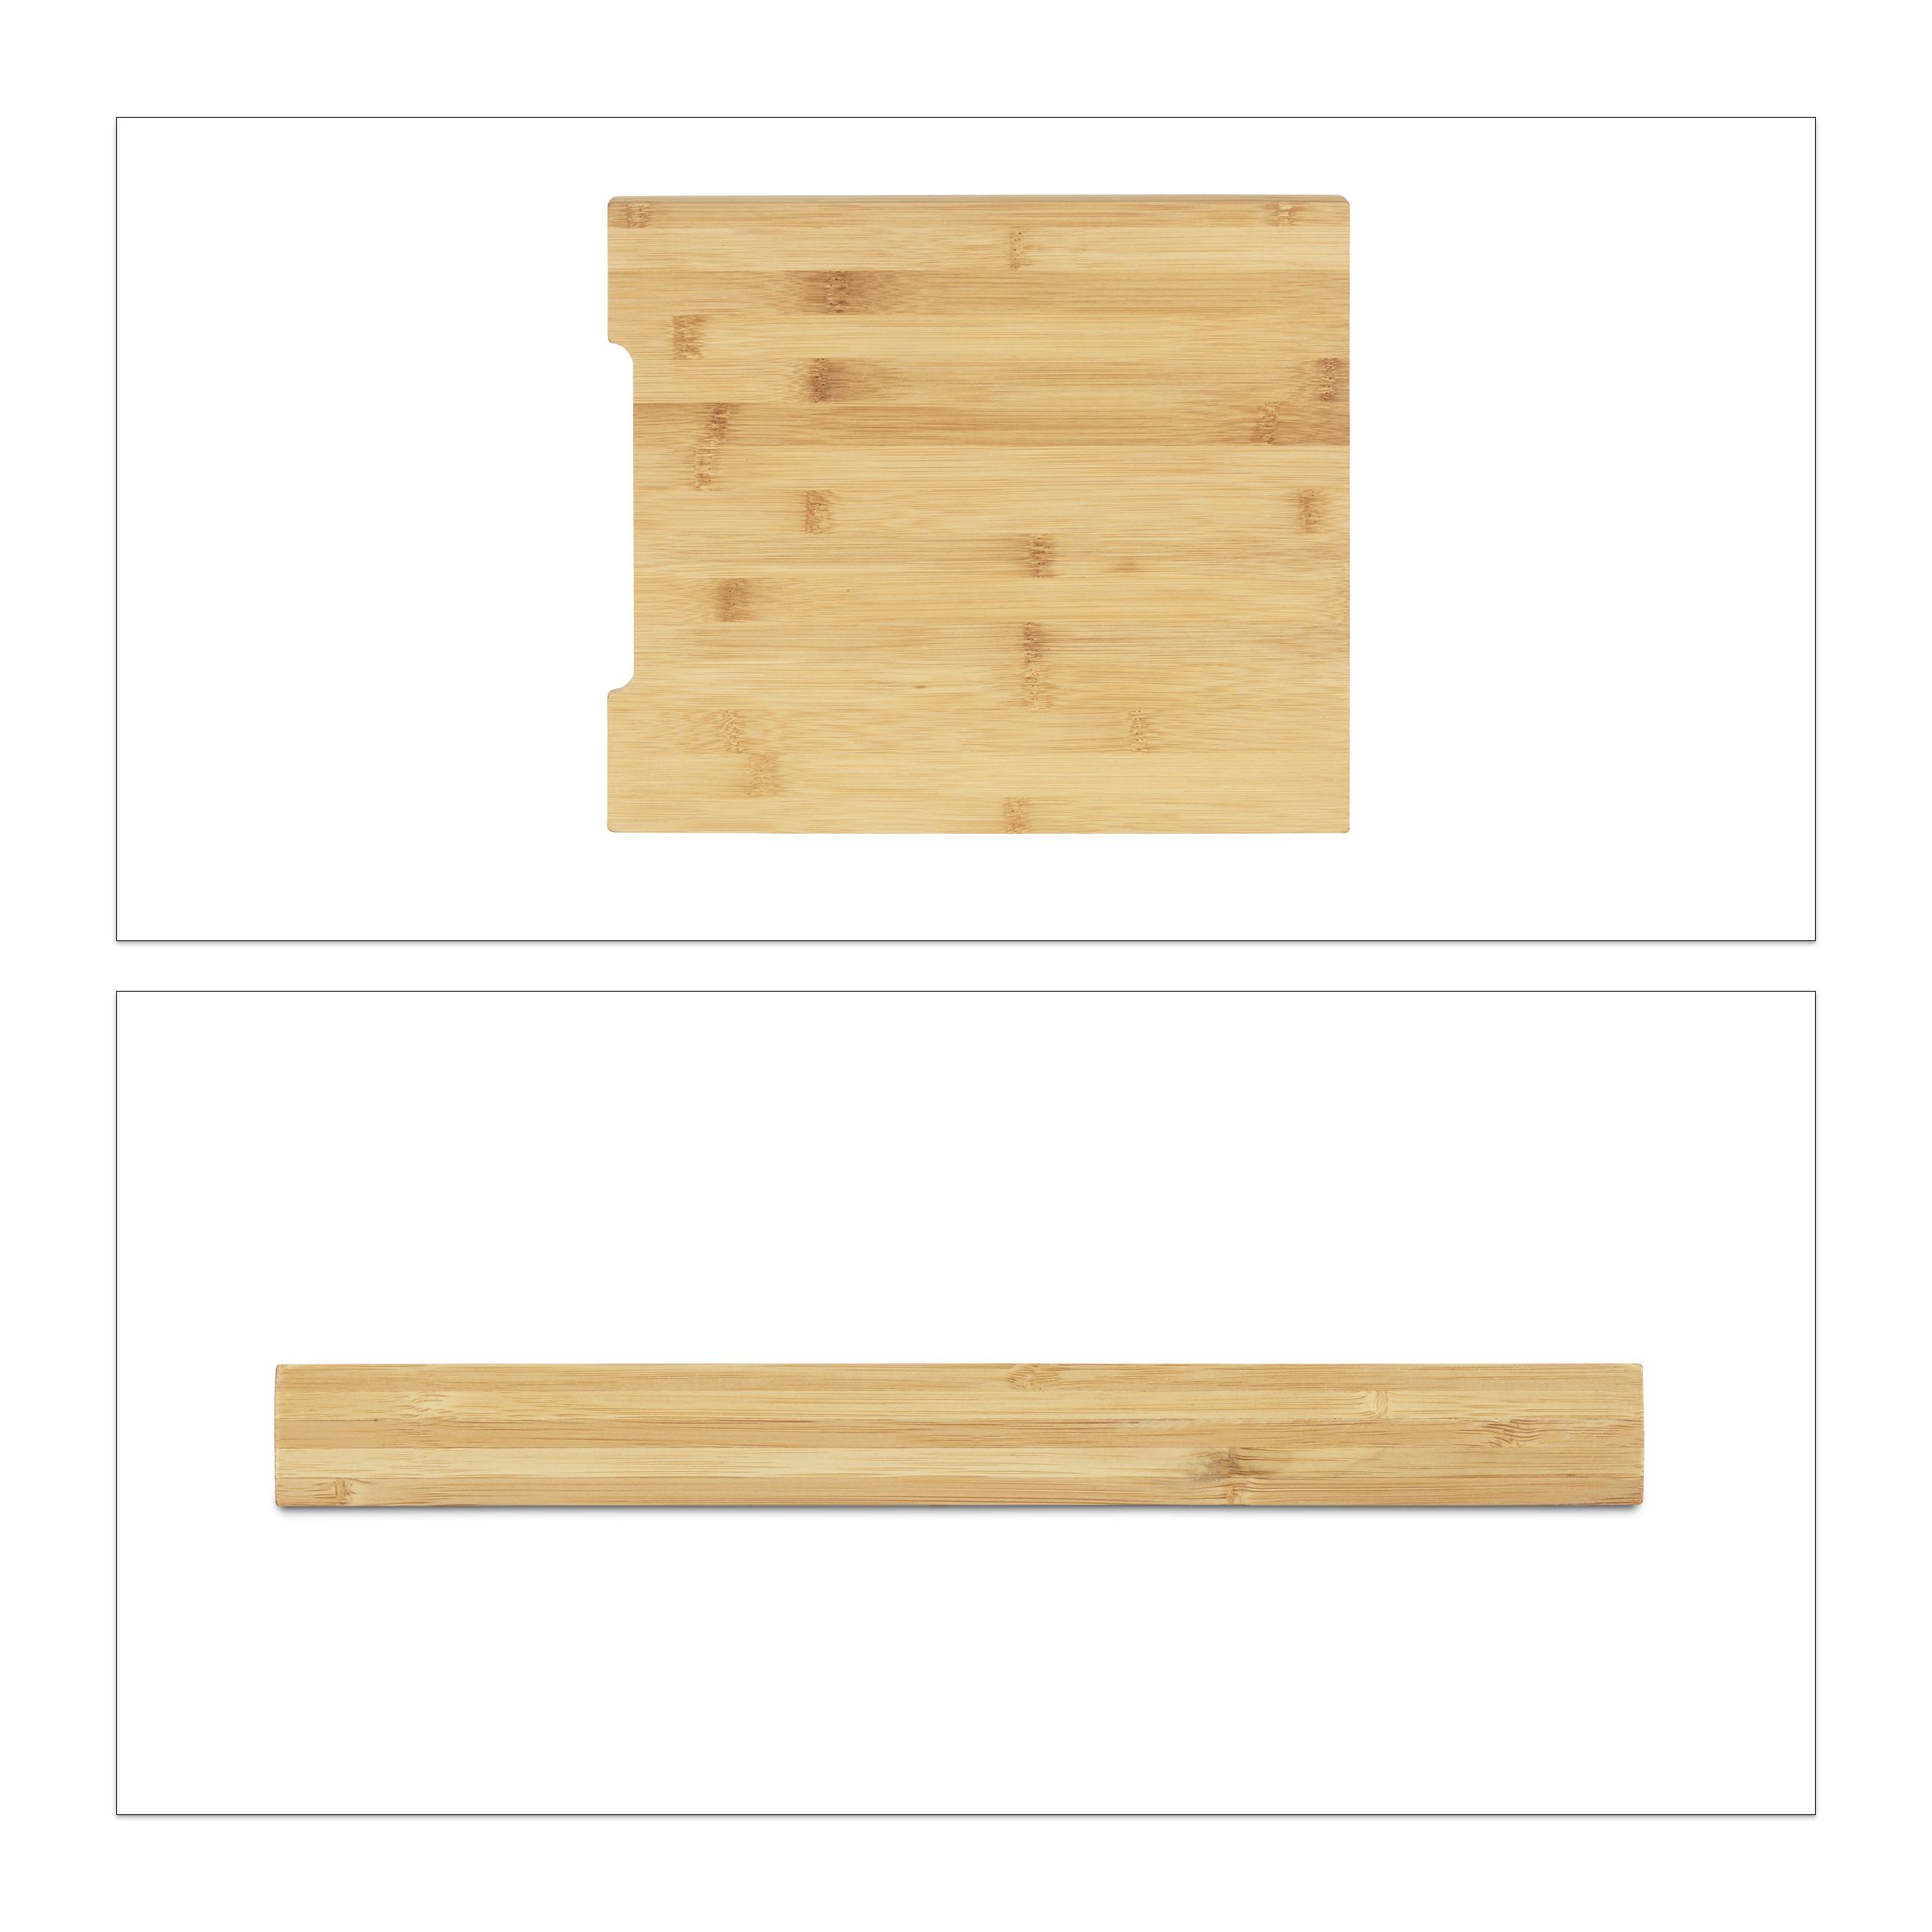 schneidebrett bambus auffangschale k u00fcchenbrett schneideunterlage holzbrett holz